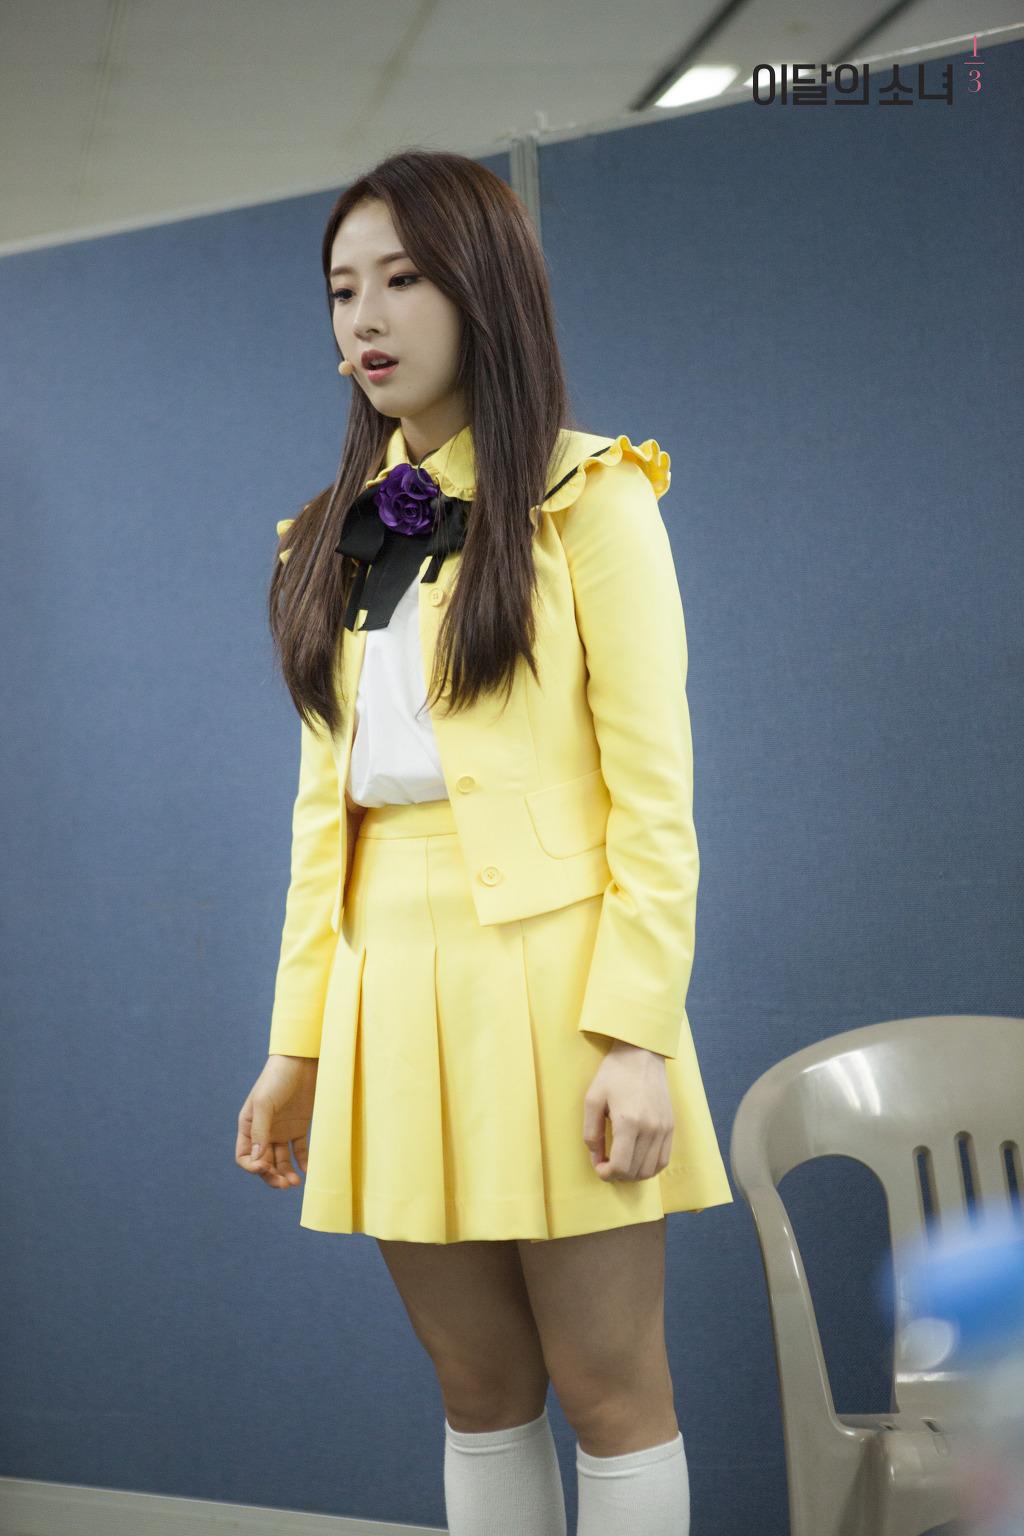 170402 SNS Inkigayo Diary HaSeul 1.jpg